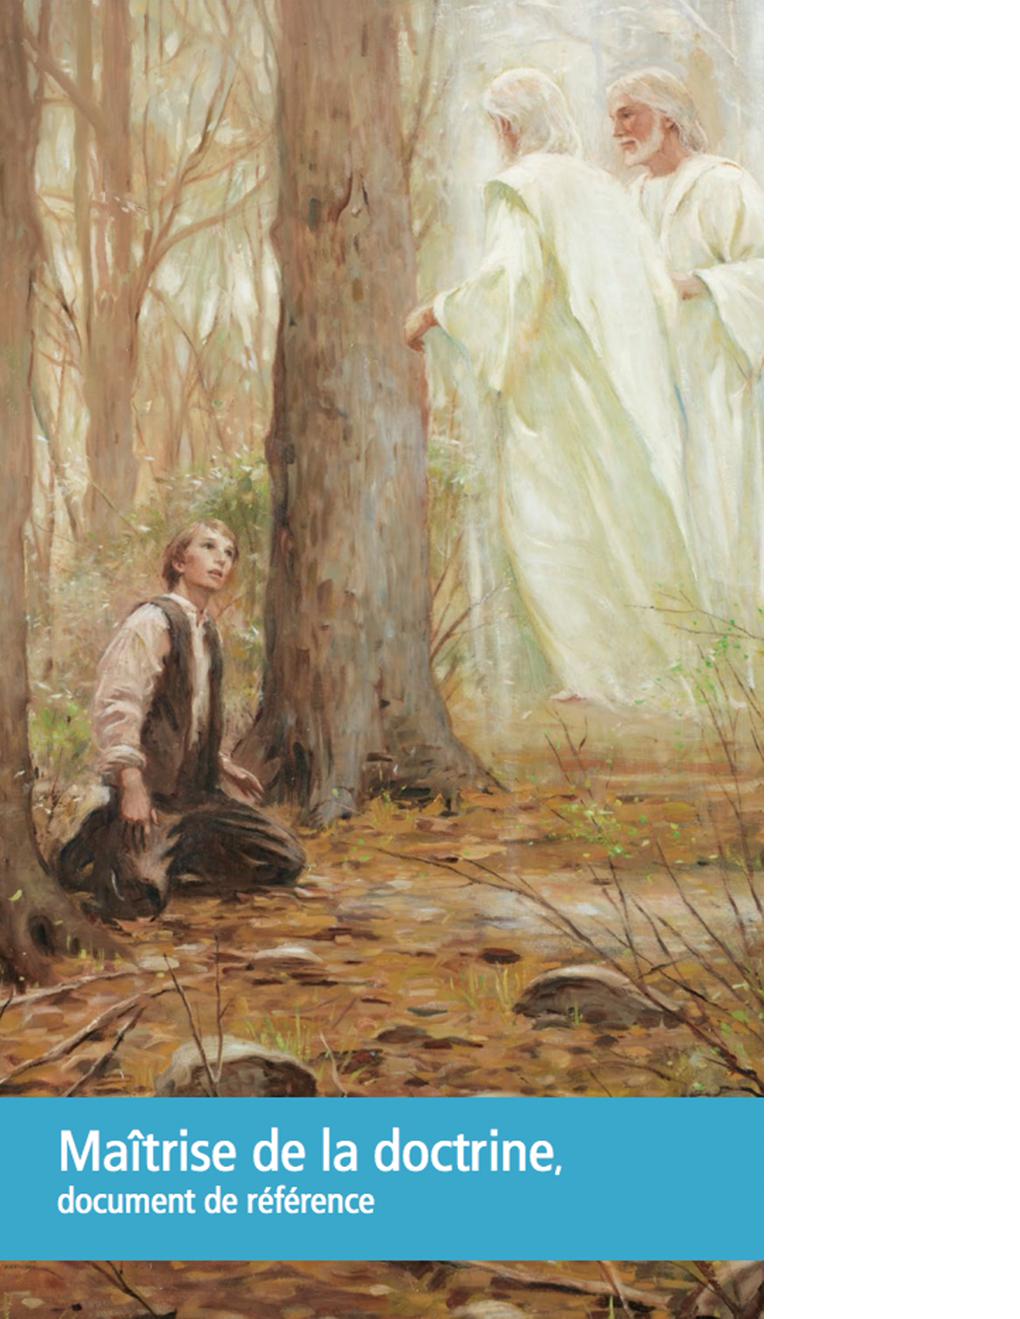 Maîtrise de la doctrine, document de référence